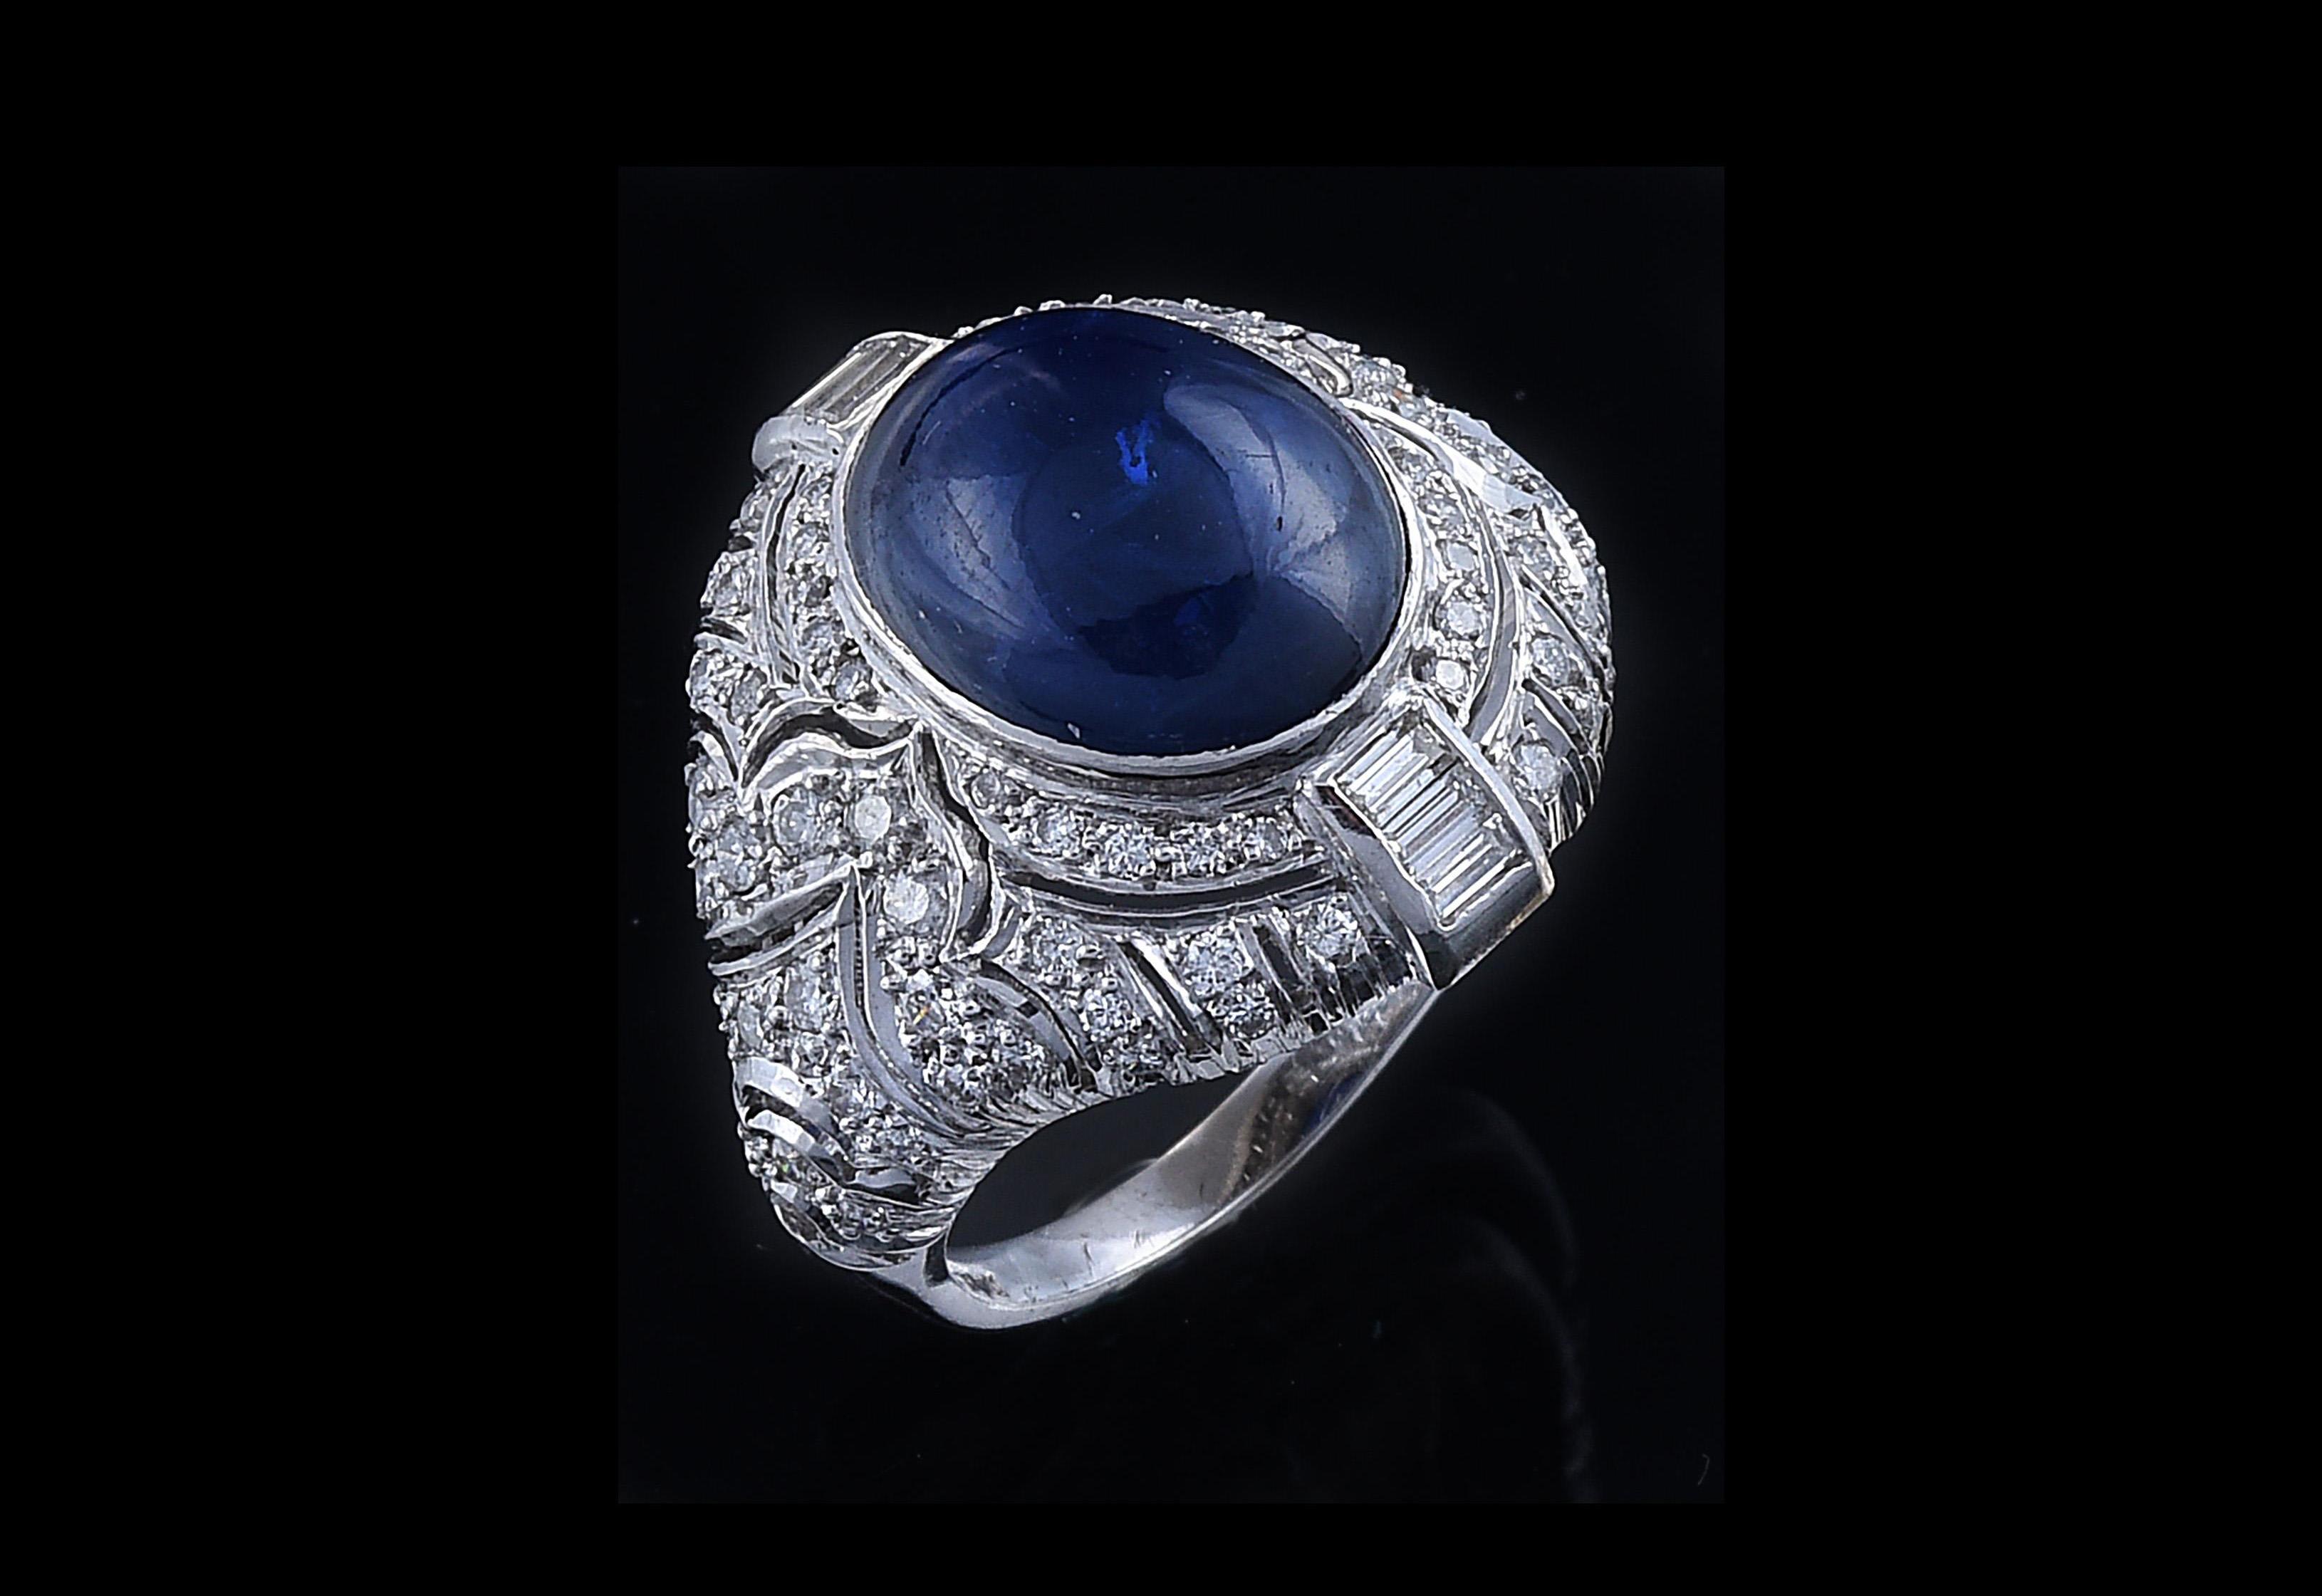 Diamant Saphir Ring, Weißgold 750, Brillanten und Diamanten im Baguetteschliff zus.ca. 1 ct, Saphir im Cabochonschliff ca. 8 ct,Startpreis € 4.000